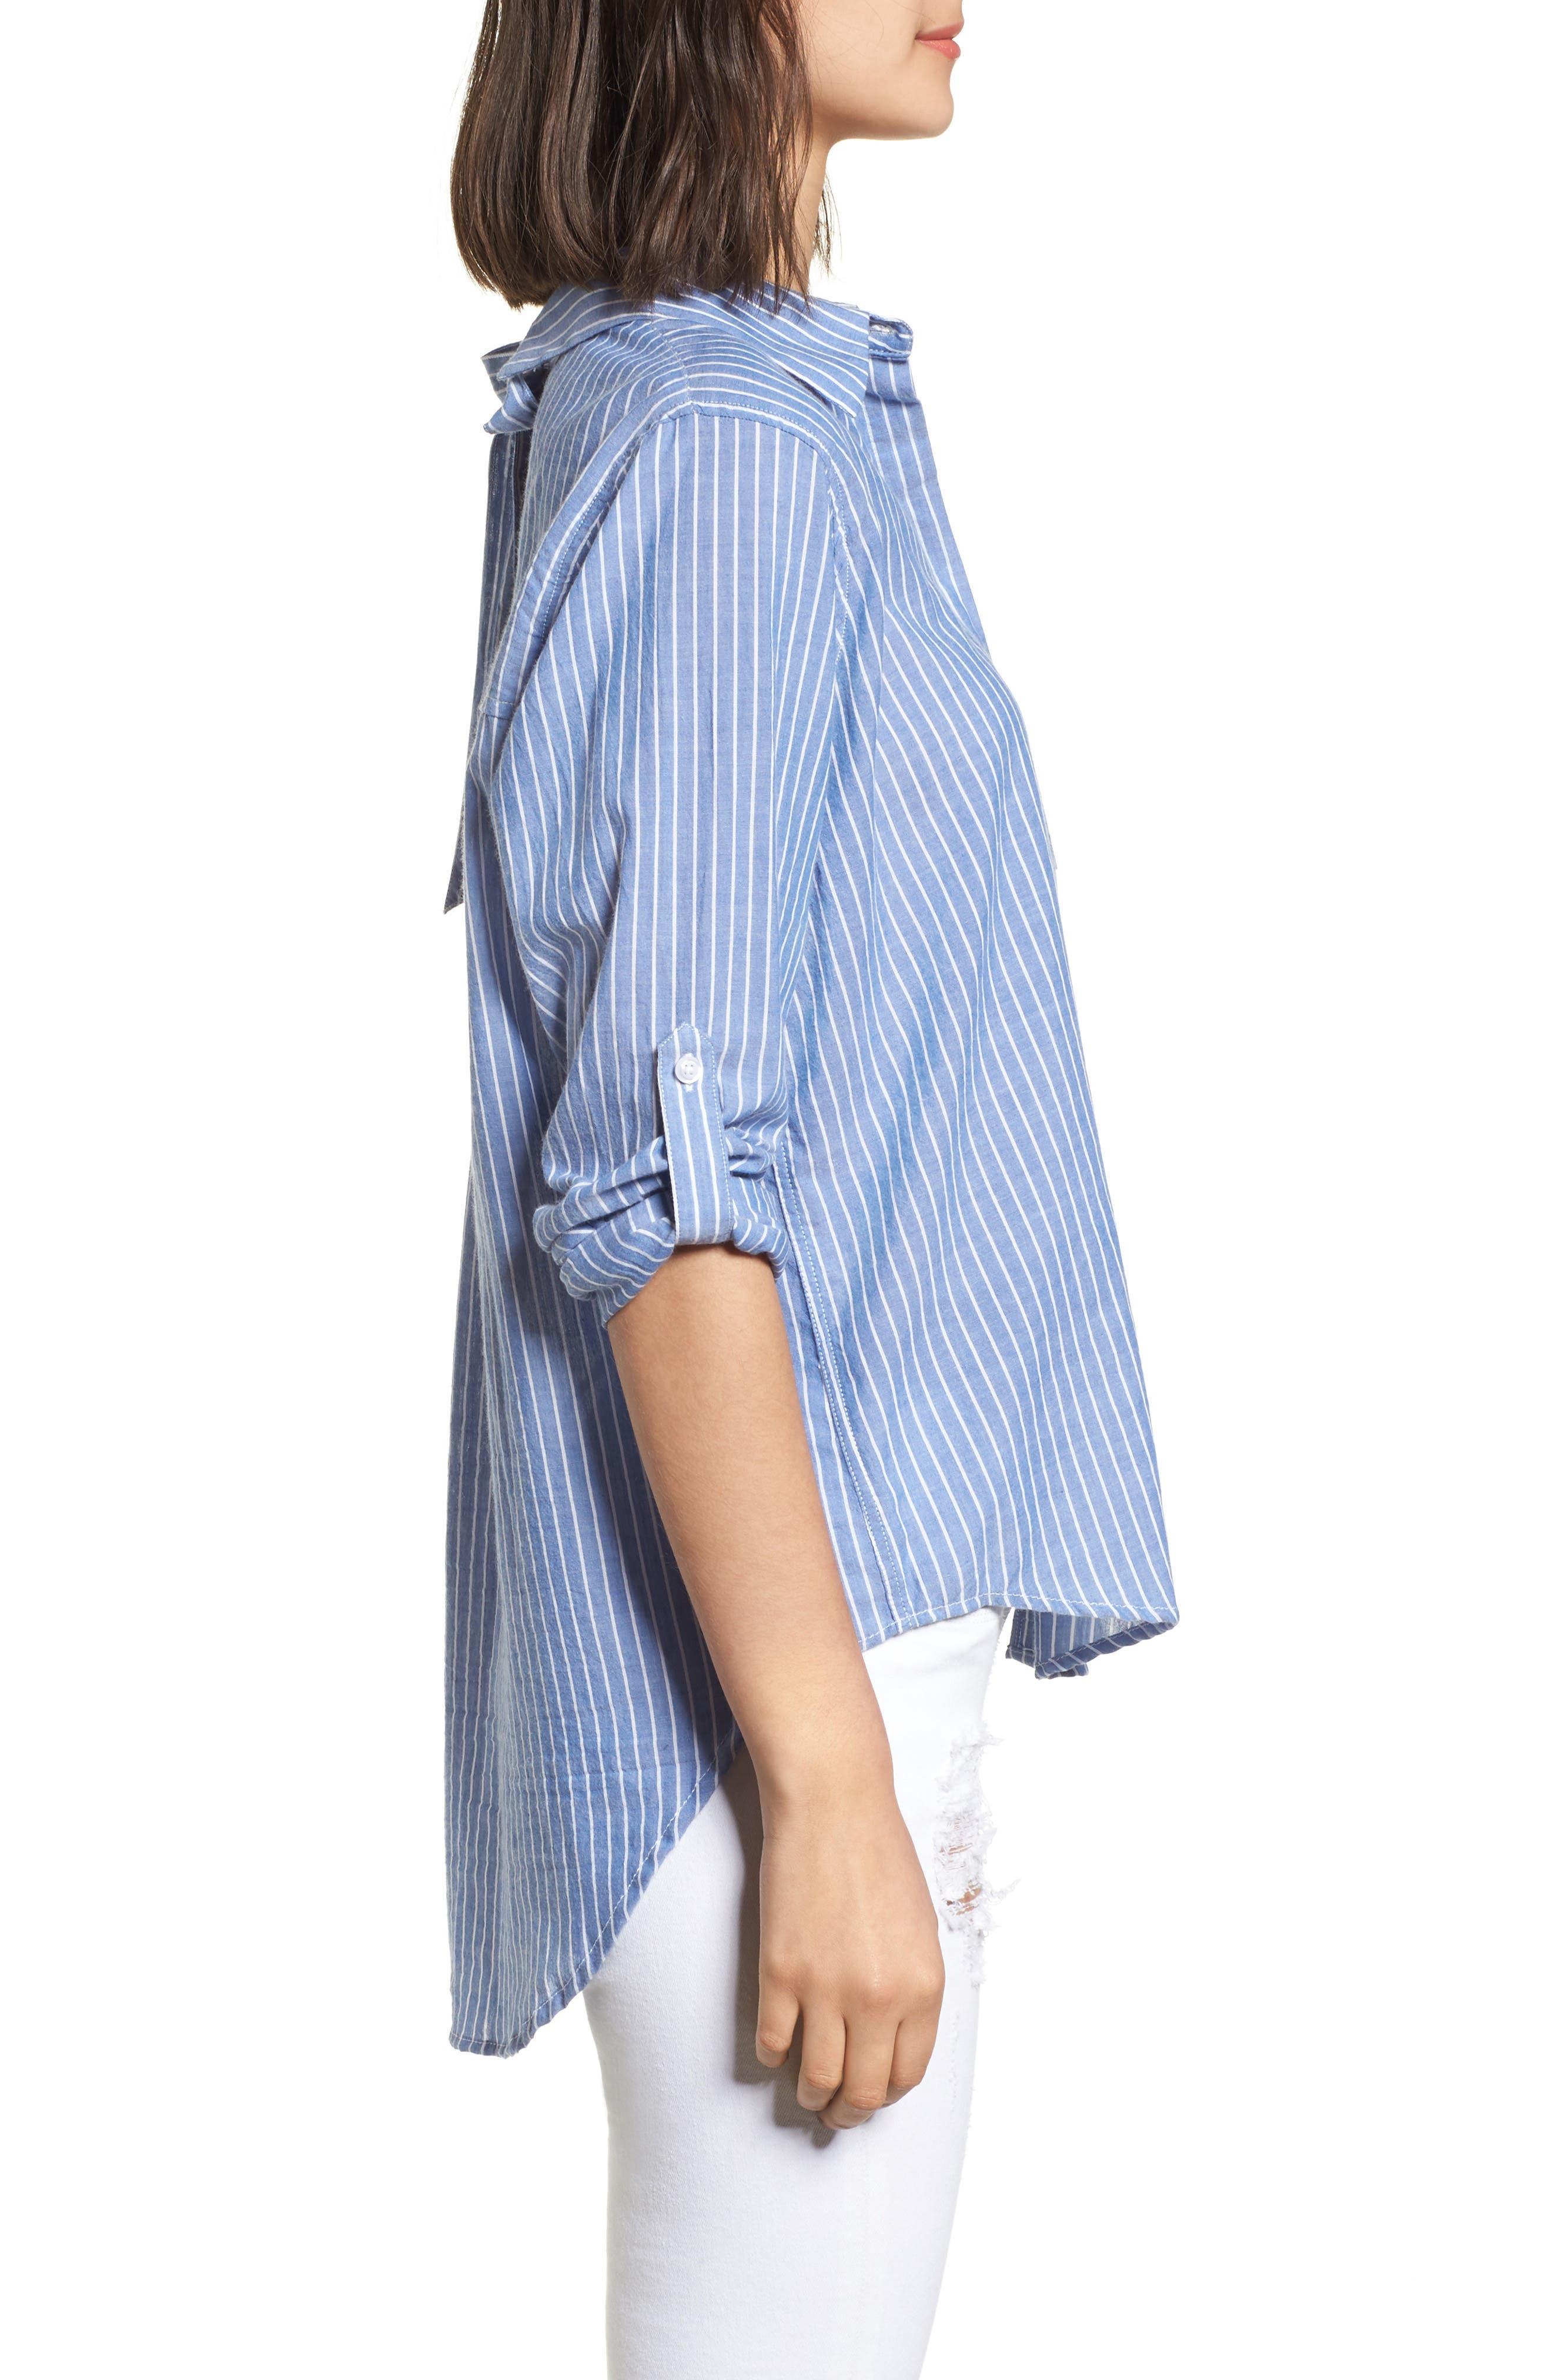 Mimi Stripe Shirt,                             Alternate thumbnail 3, color,                             494